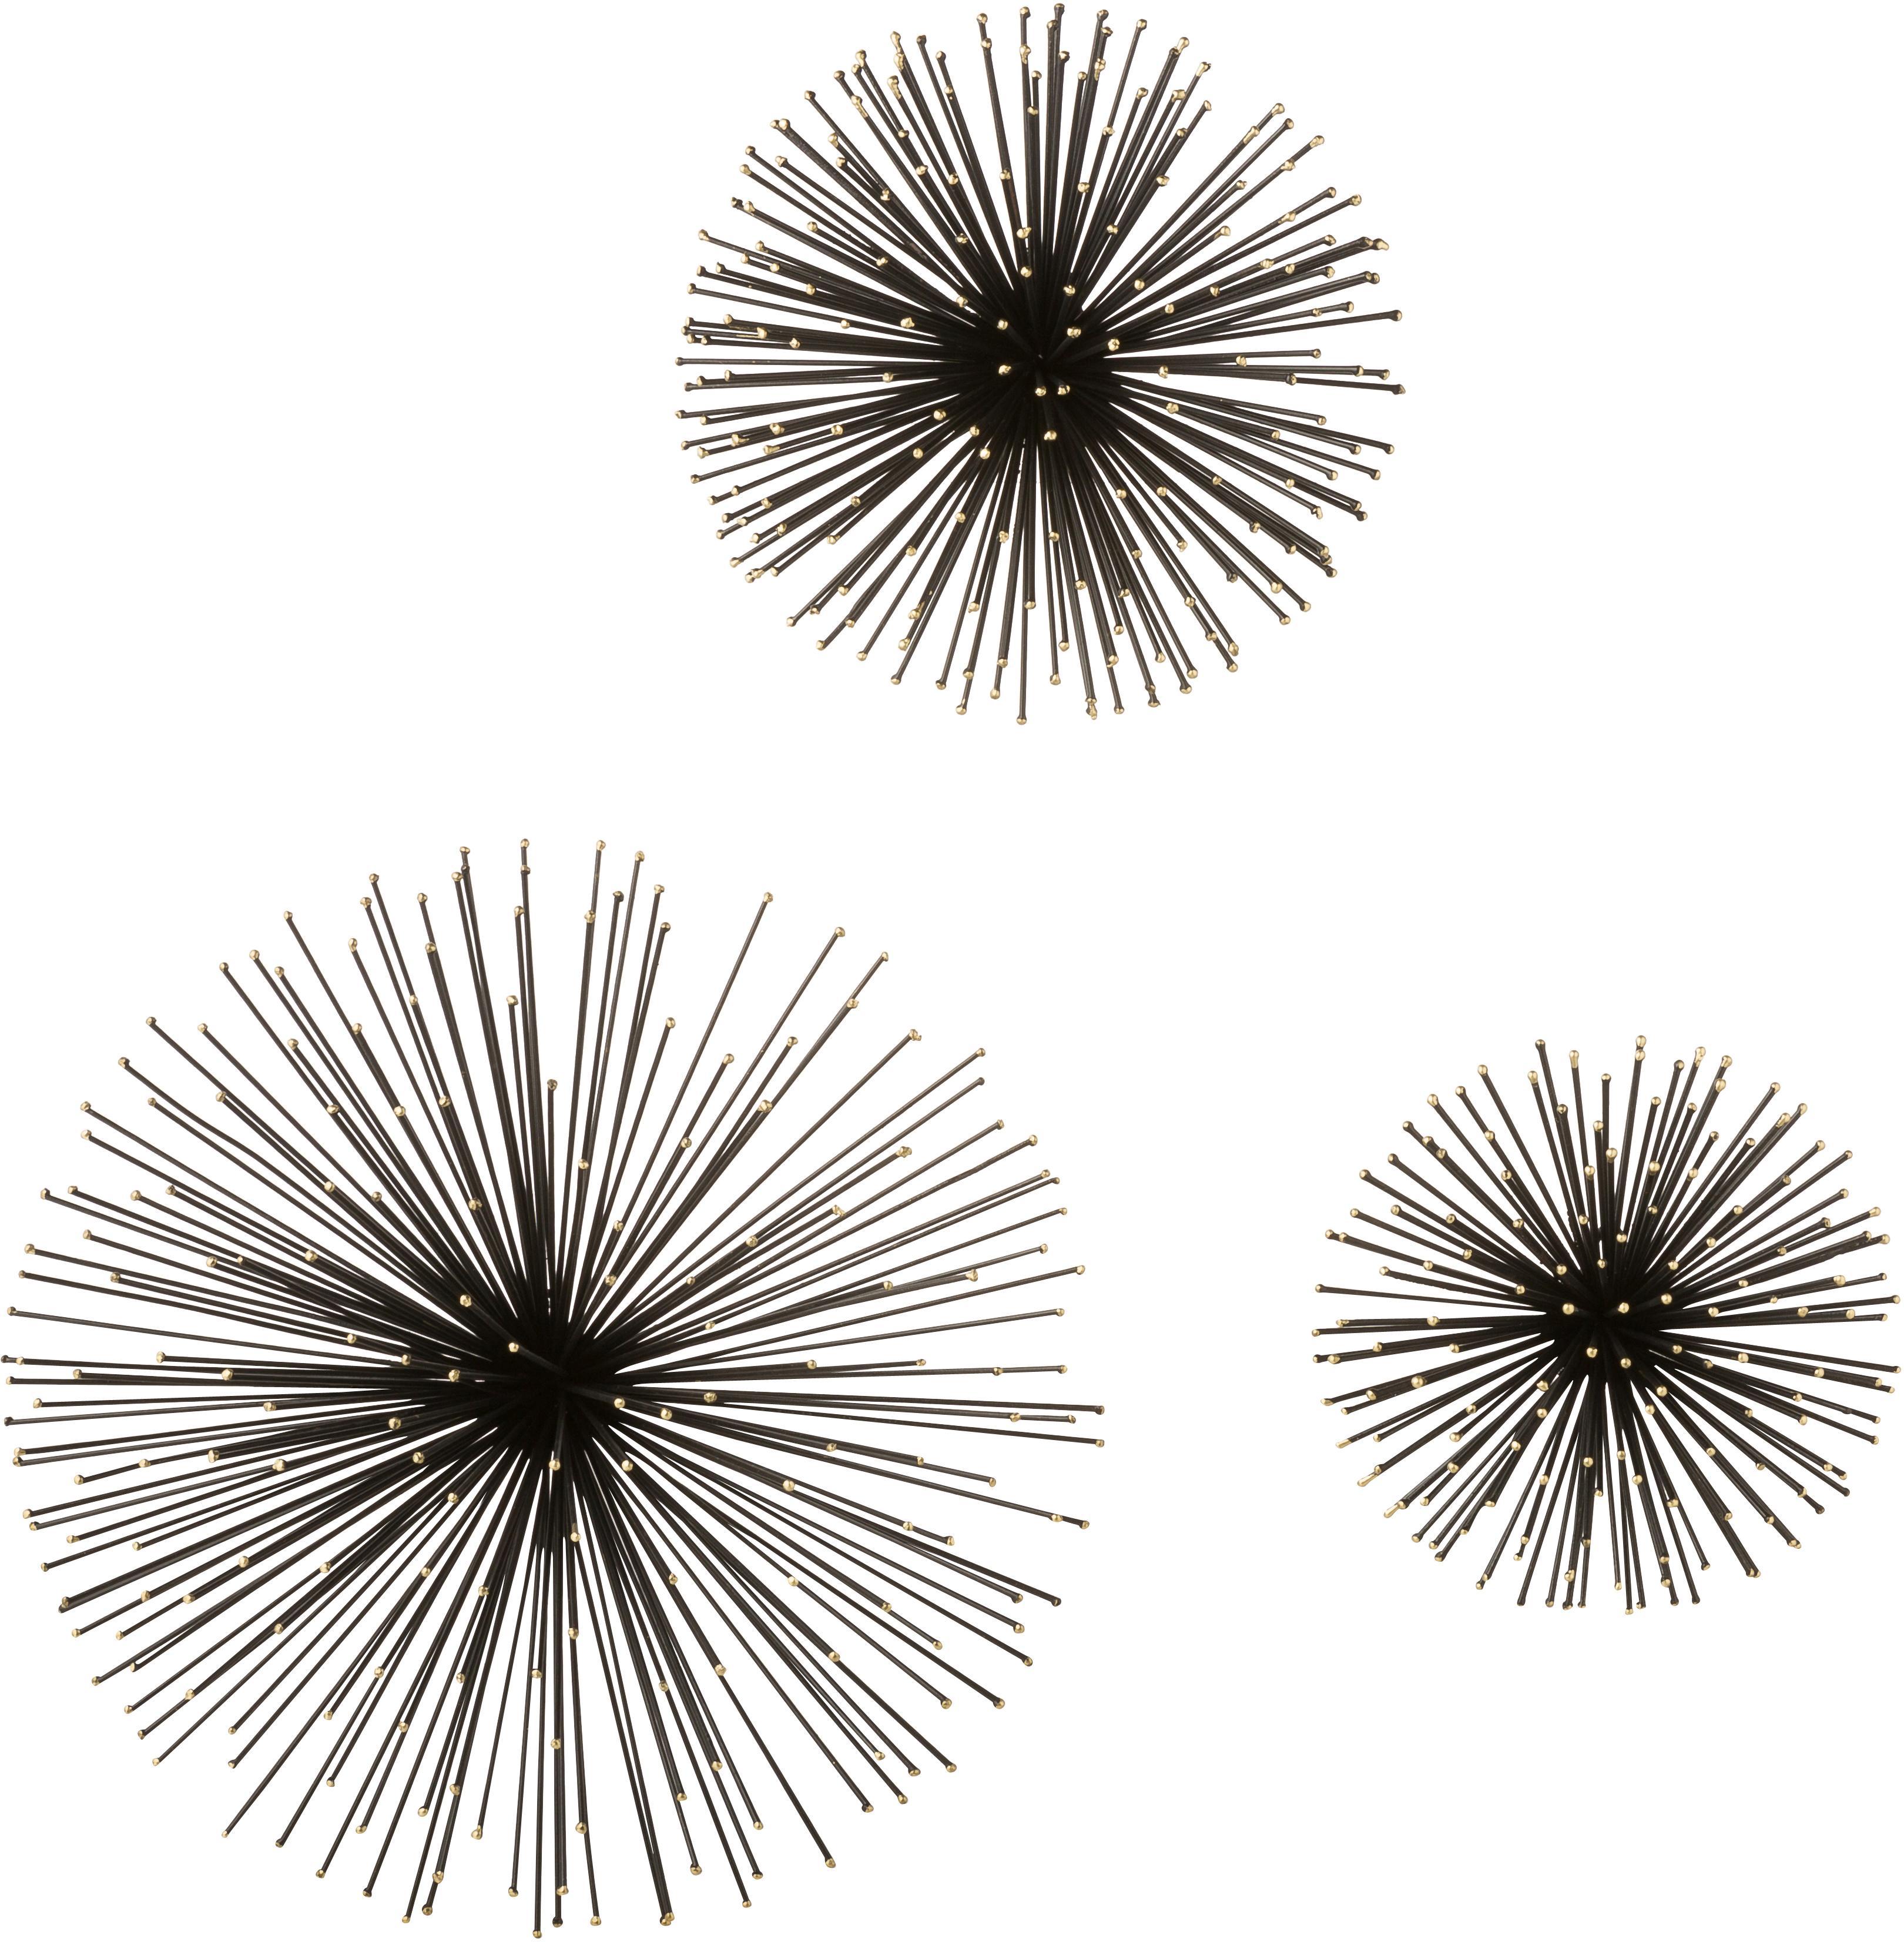 Wandobjekt-Set Ray aus Metall, 3-tlg., Metall, Schwarz, Set mit verschiedenen Grössen